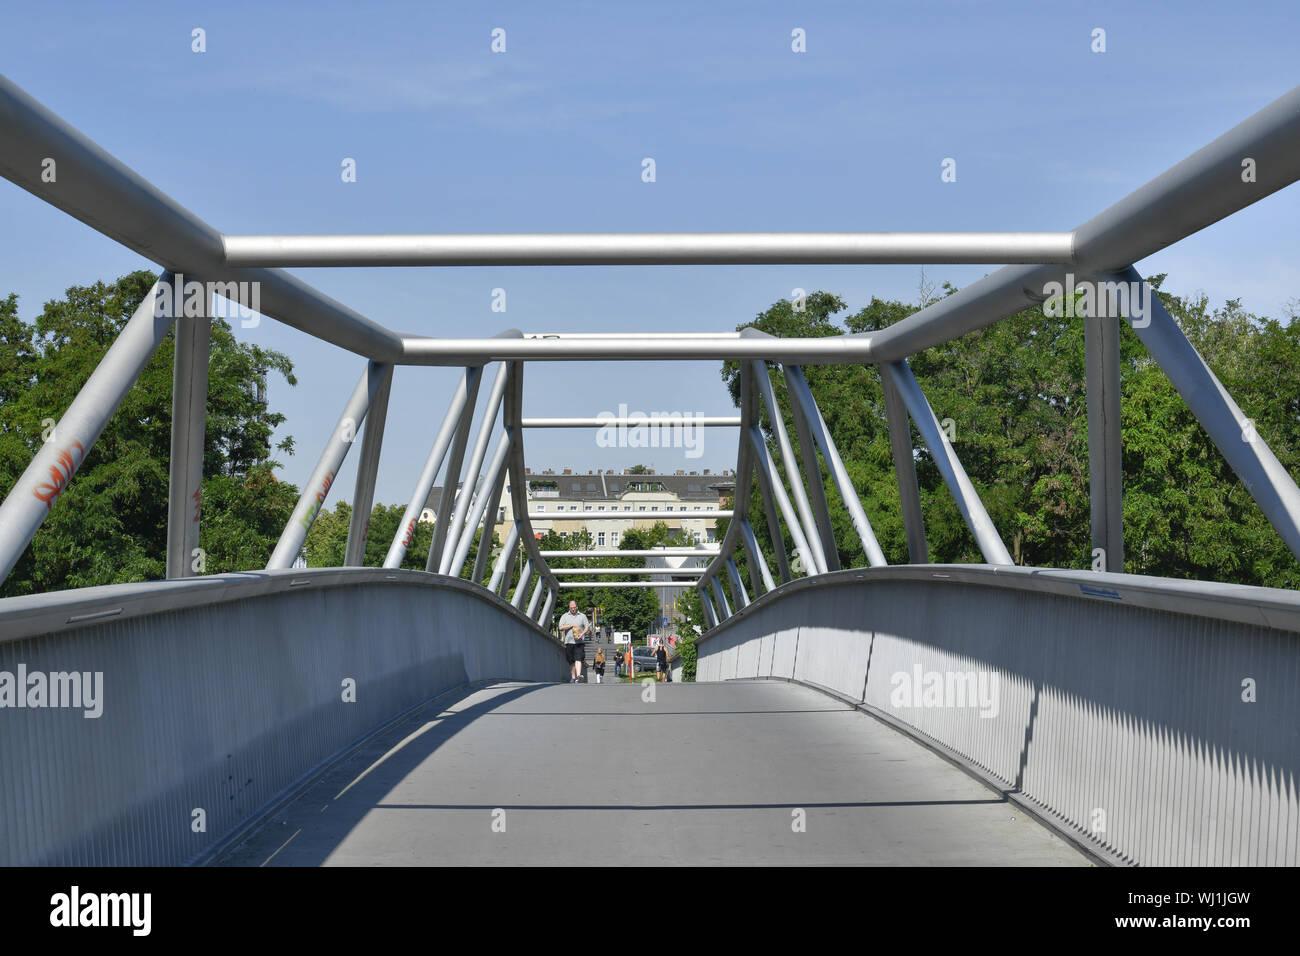 Alfred Lion Steg, Alfred Lion footbridge, Berlin, bridge, Germany, footbridge, beauty's mountain, Schoeneberger, beauty's mountain, Schöneberger, stee - Stock Photo